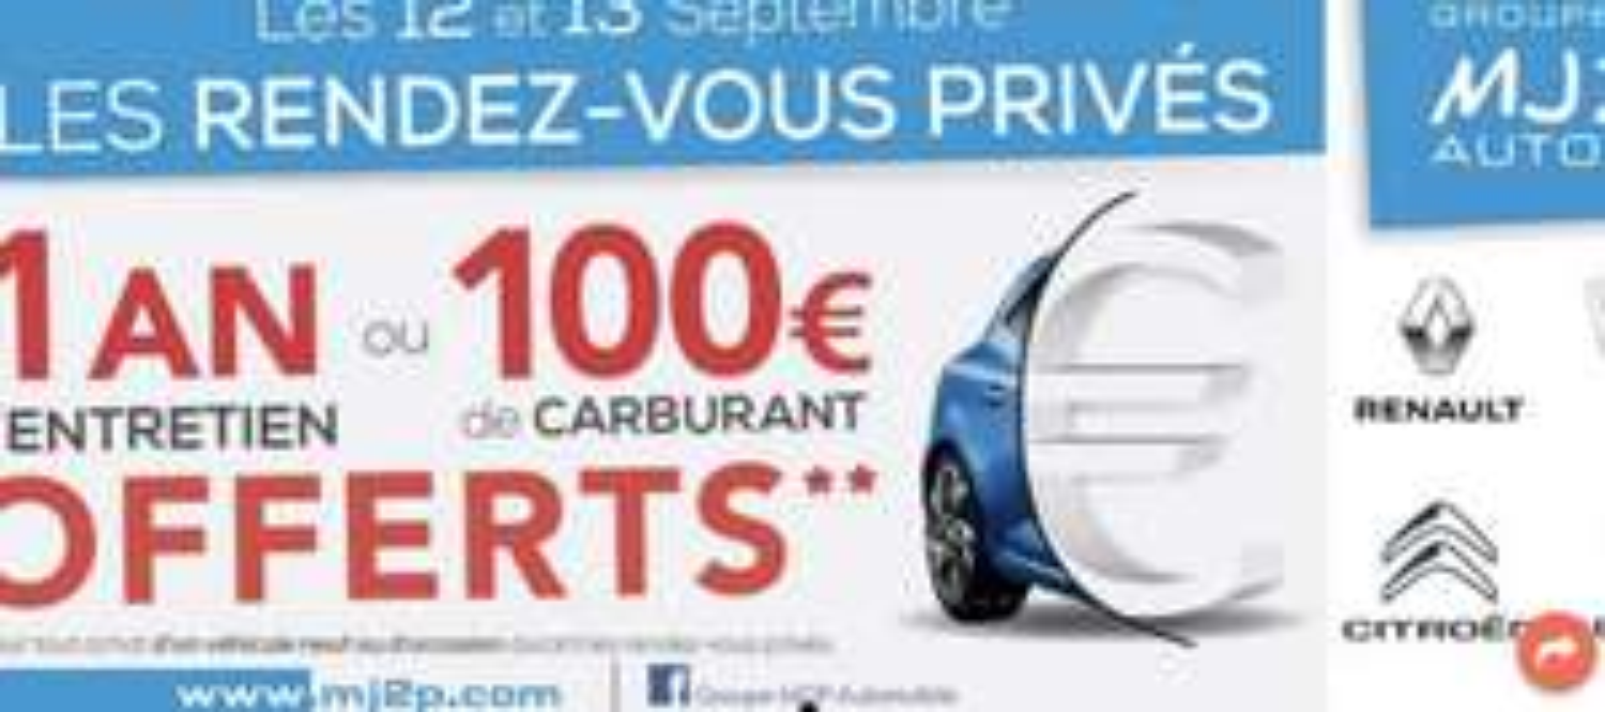 1 an d'entretien ou 100€ de carburant offert pour l'achat d'un véhicule neuf ou d'occasion- Renault St. andré de Cubzac (33)